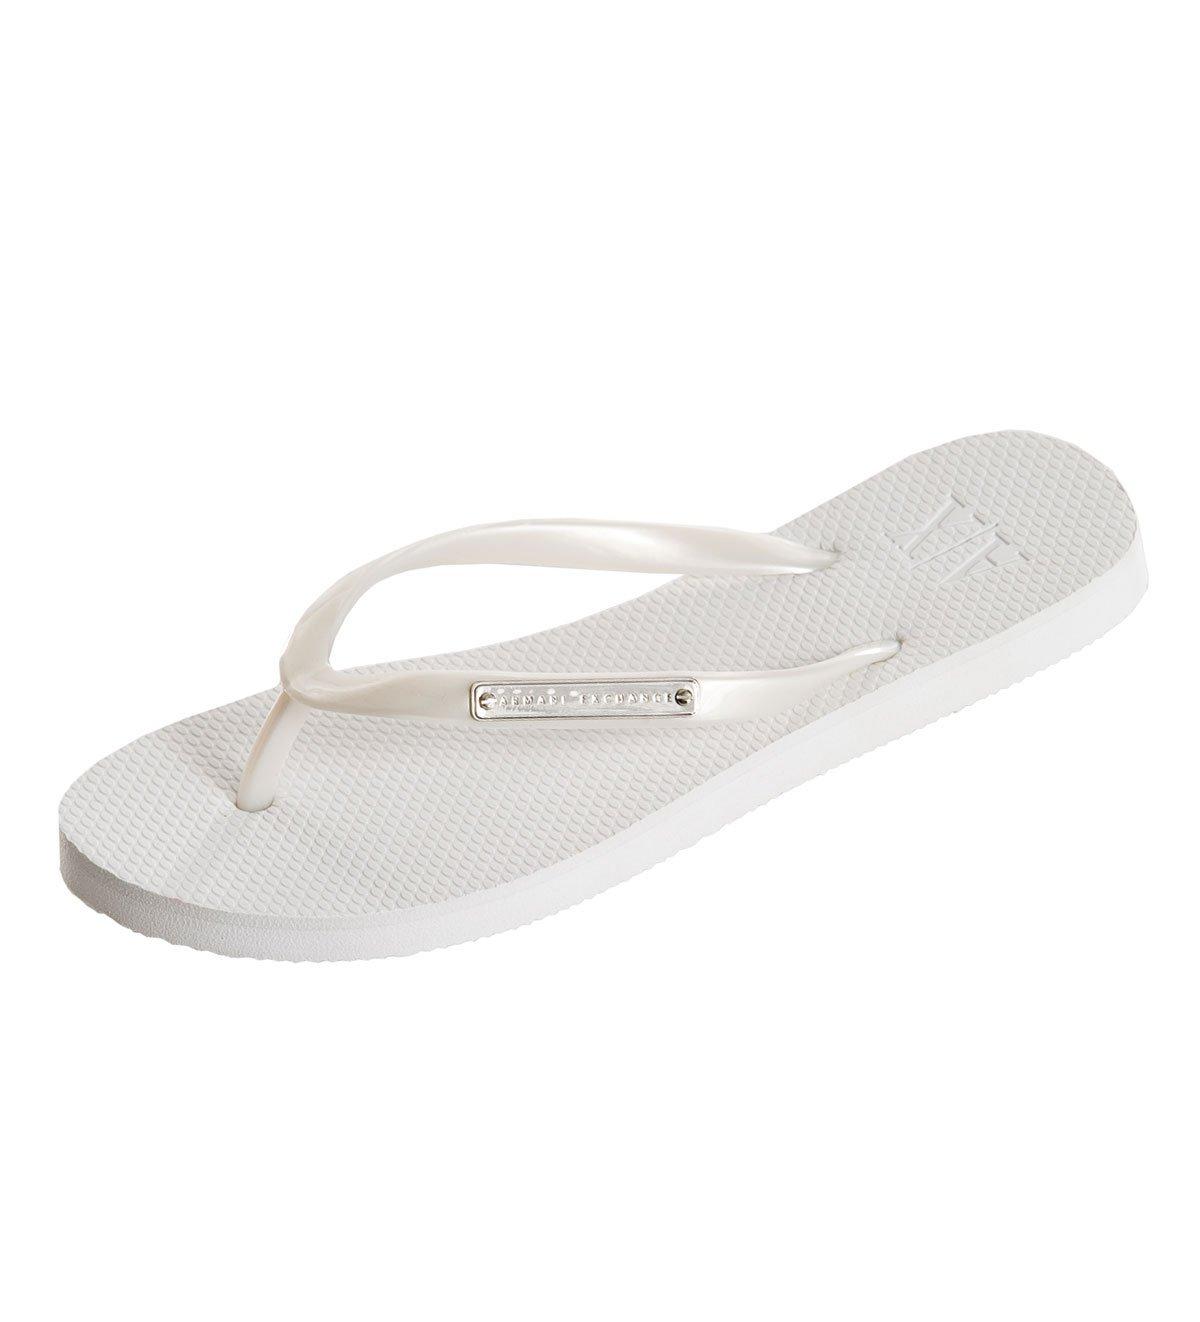 d65e92a325b Armani Exchange Womens Logo Plate Flip Flop - White — Armani Shoes